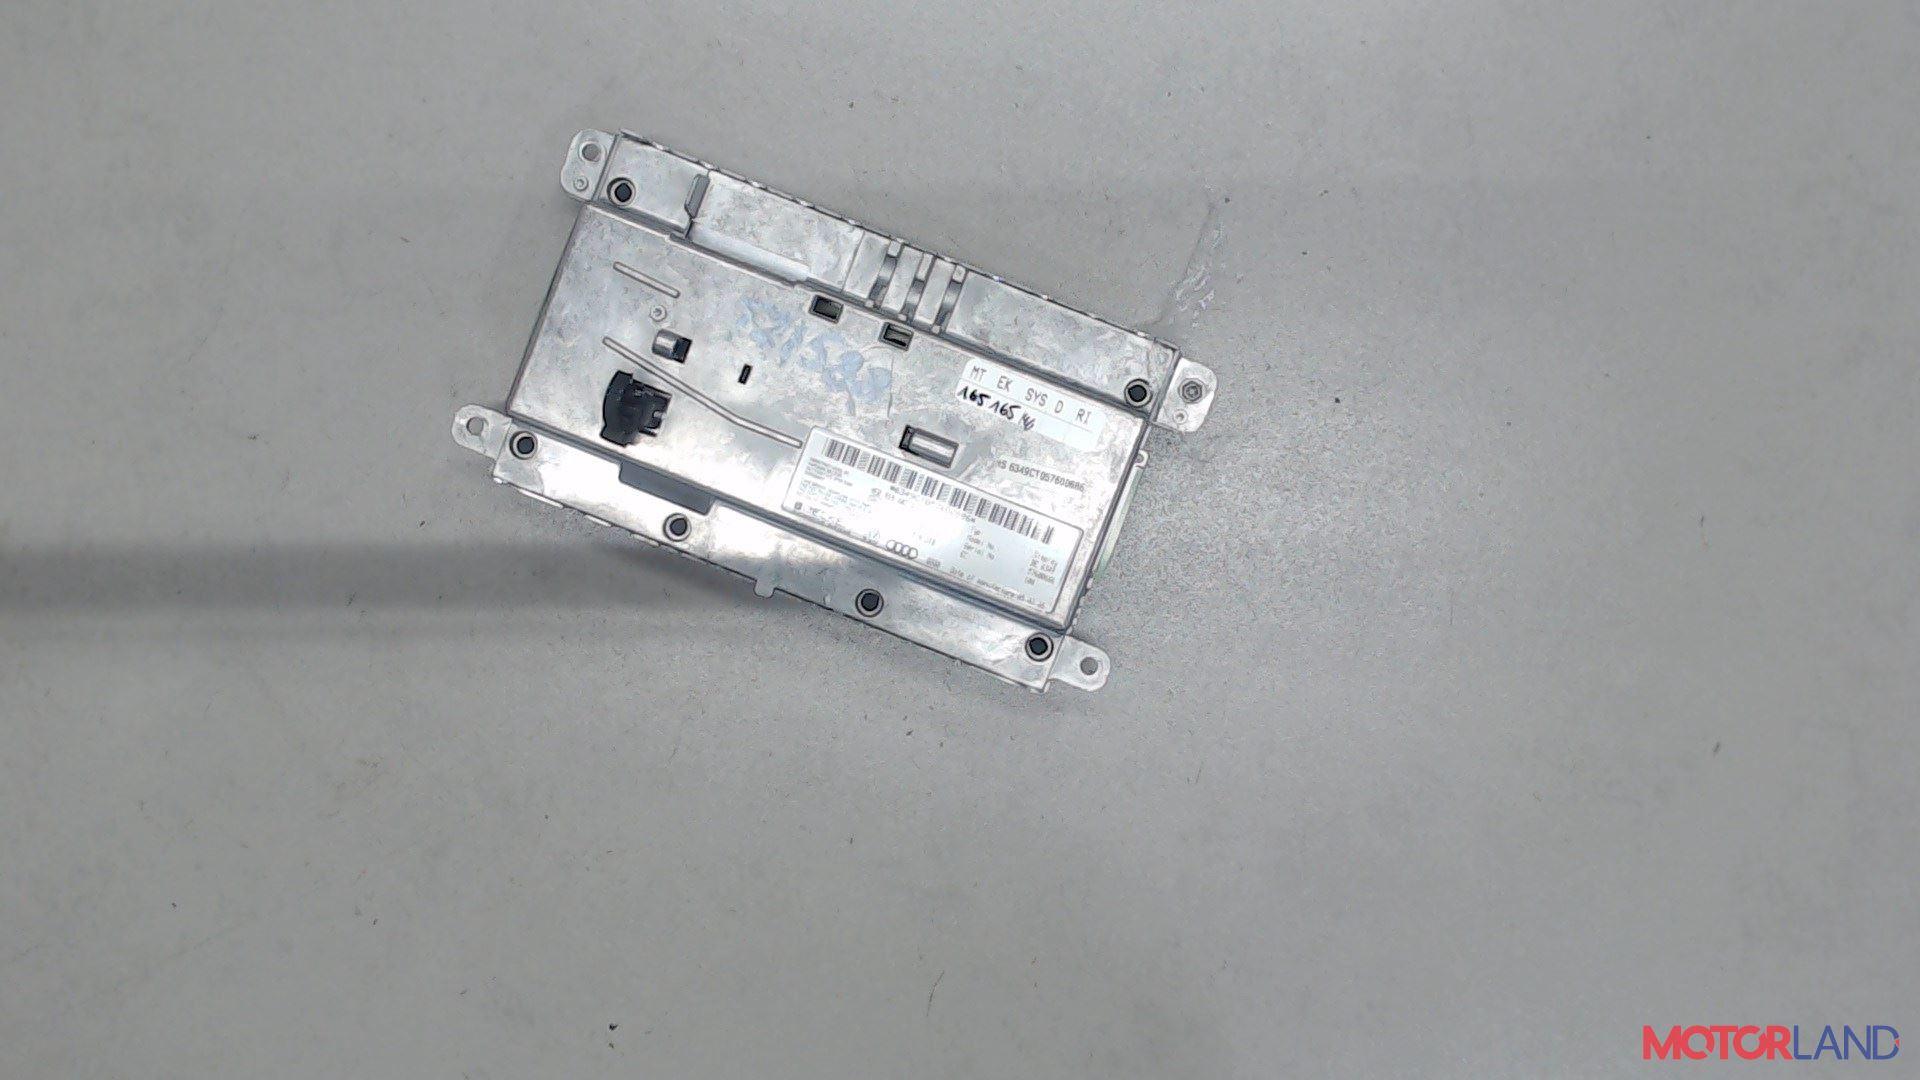 Дисплей компьютера (информационный) Audi A6 (C6) 2005-2011 3.2 л. 2005 AUK б/у #2